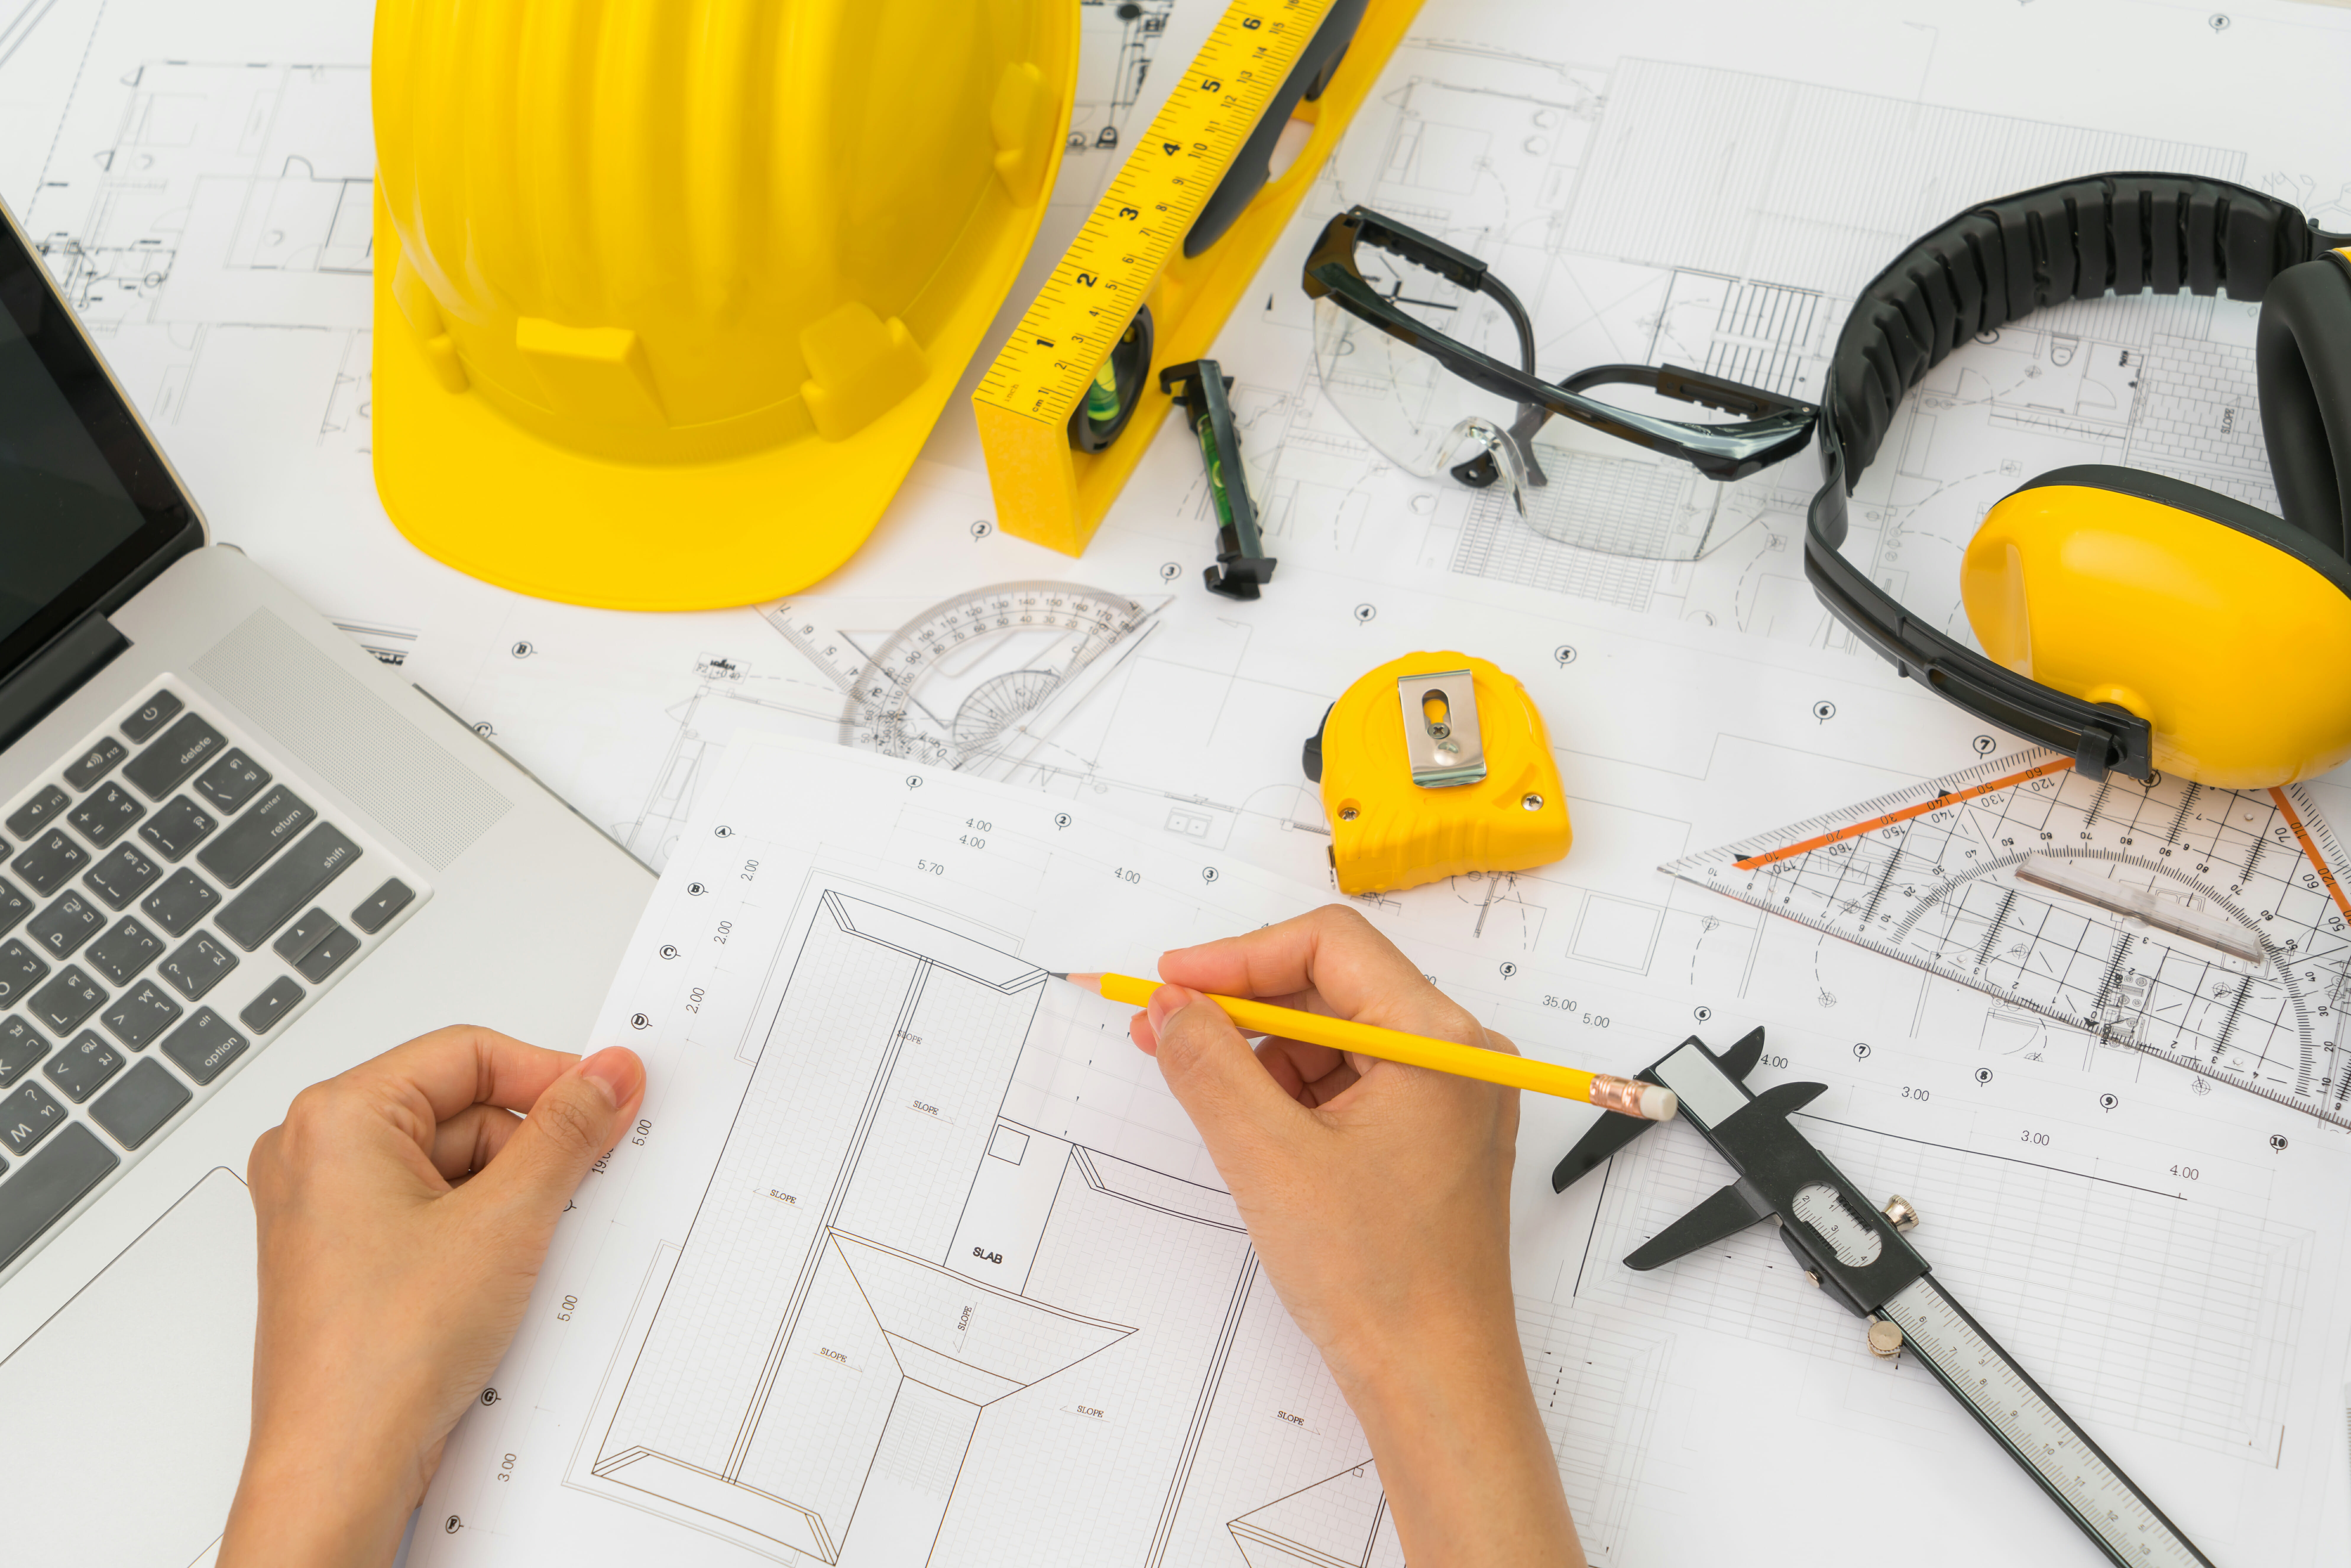 Verbouwen waar moet ik beginnen stappenplan tips en ideeen